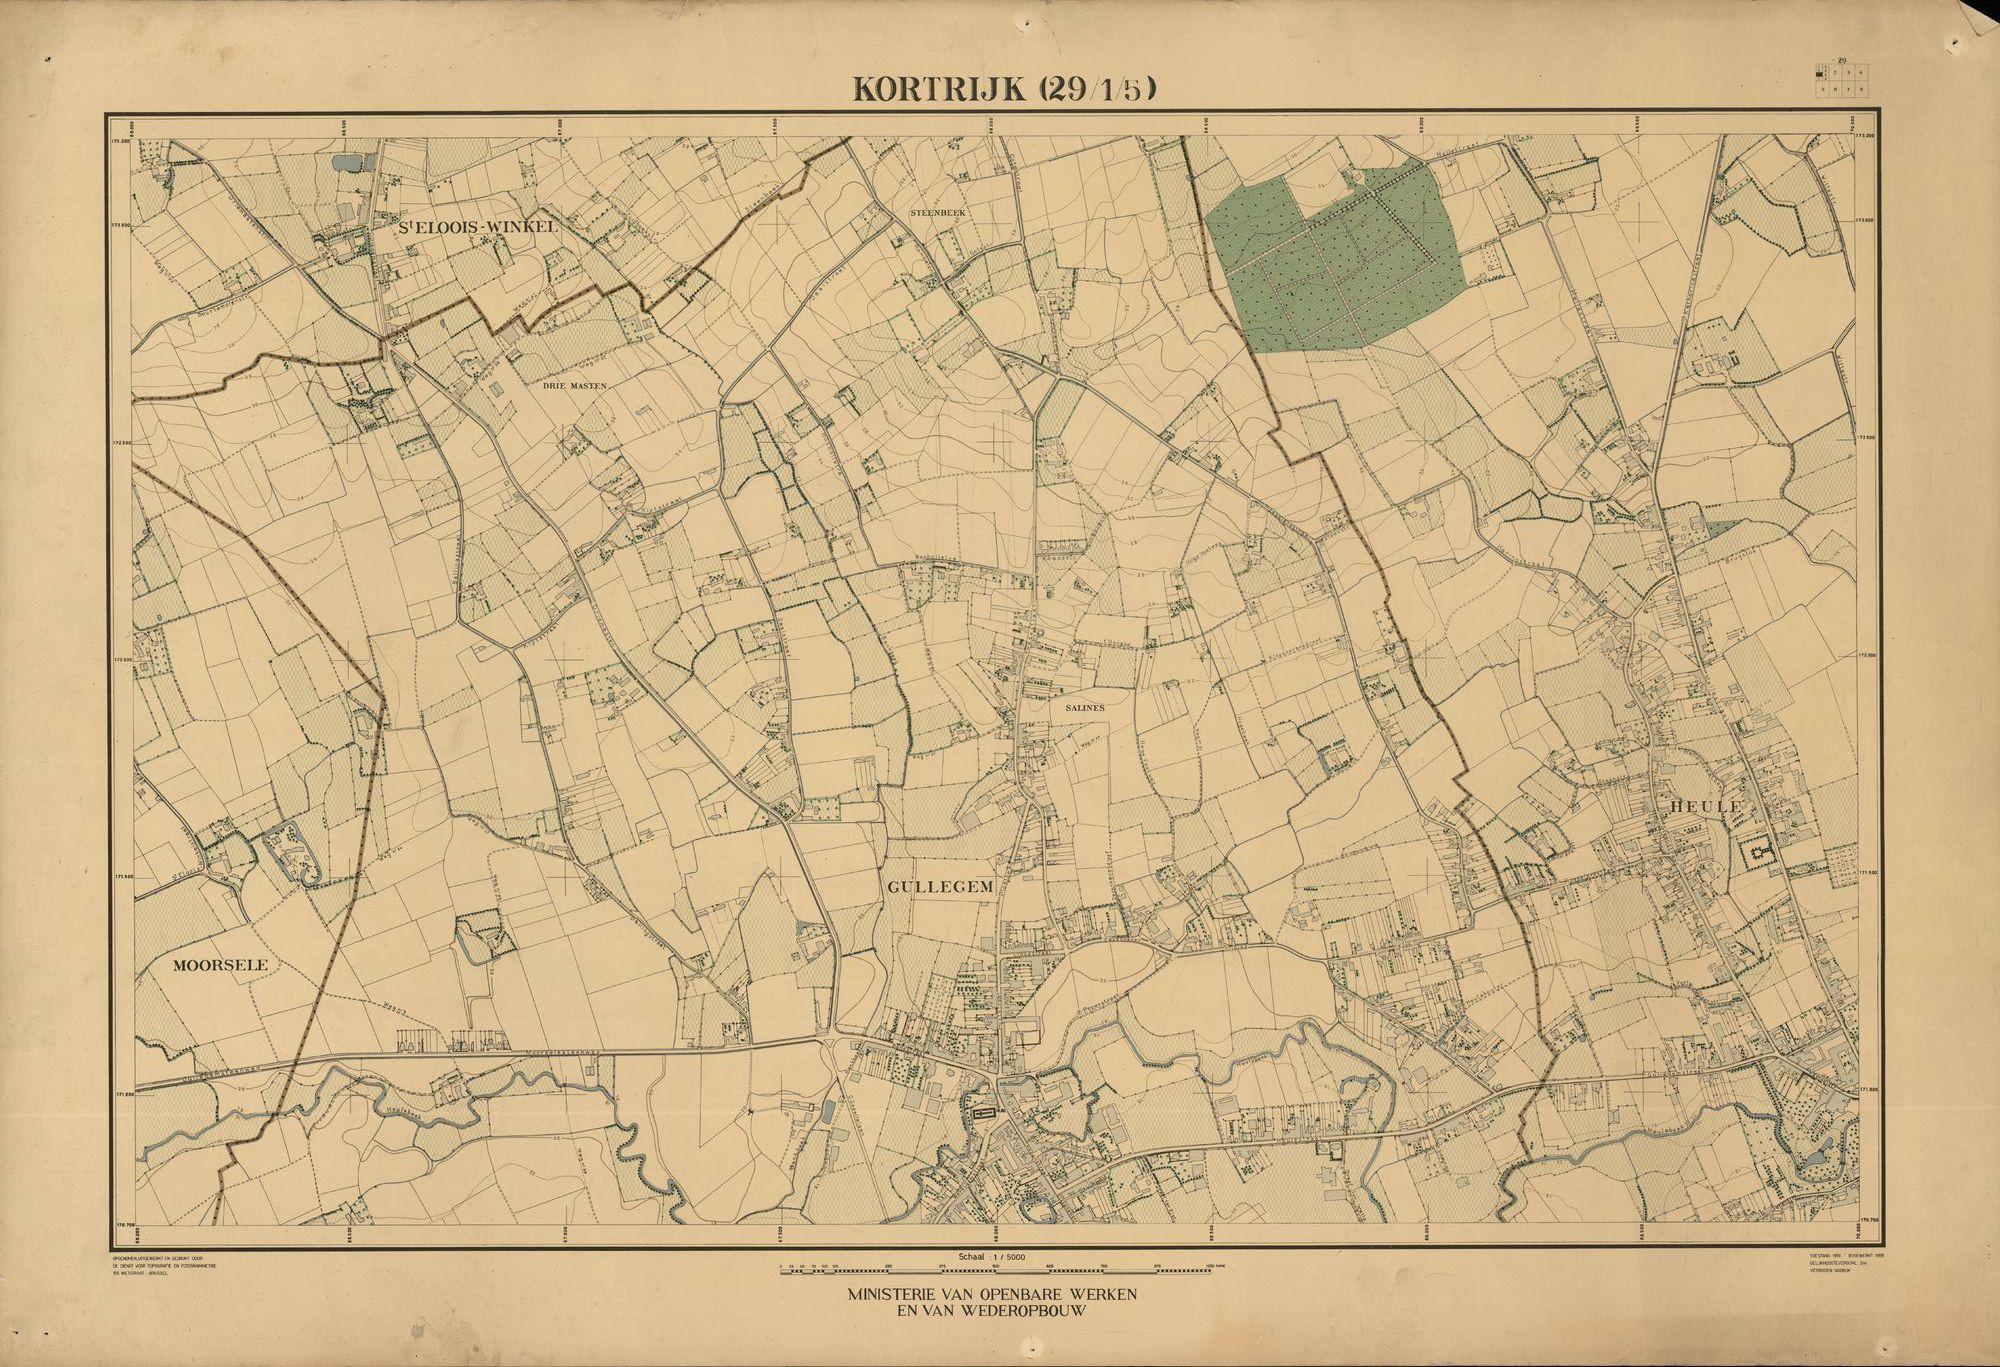 Kaart van de omgeving van Kortrijk, gemaakt in opdracht van het ministerie van Openbare Werken en van Wederopbouw, 1952